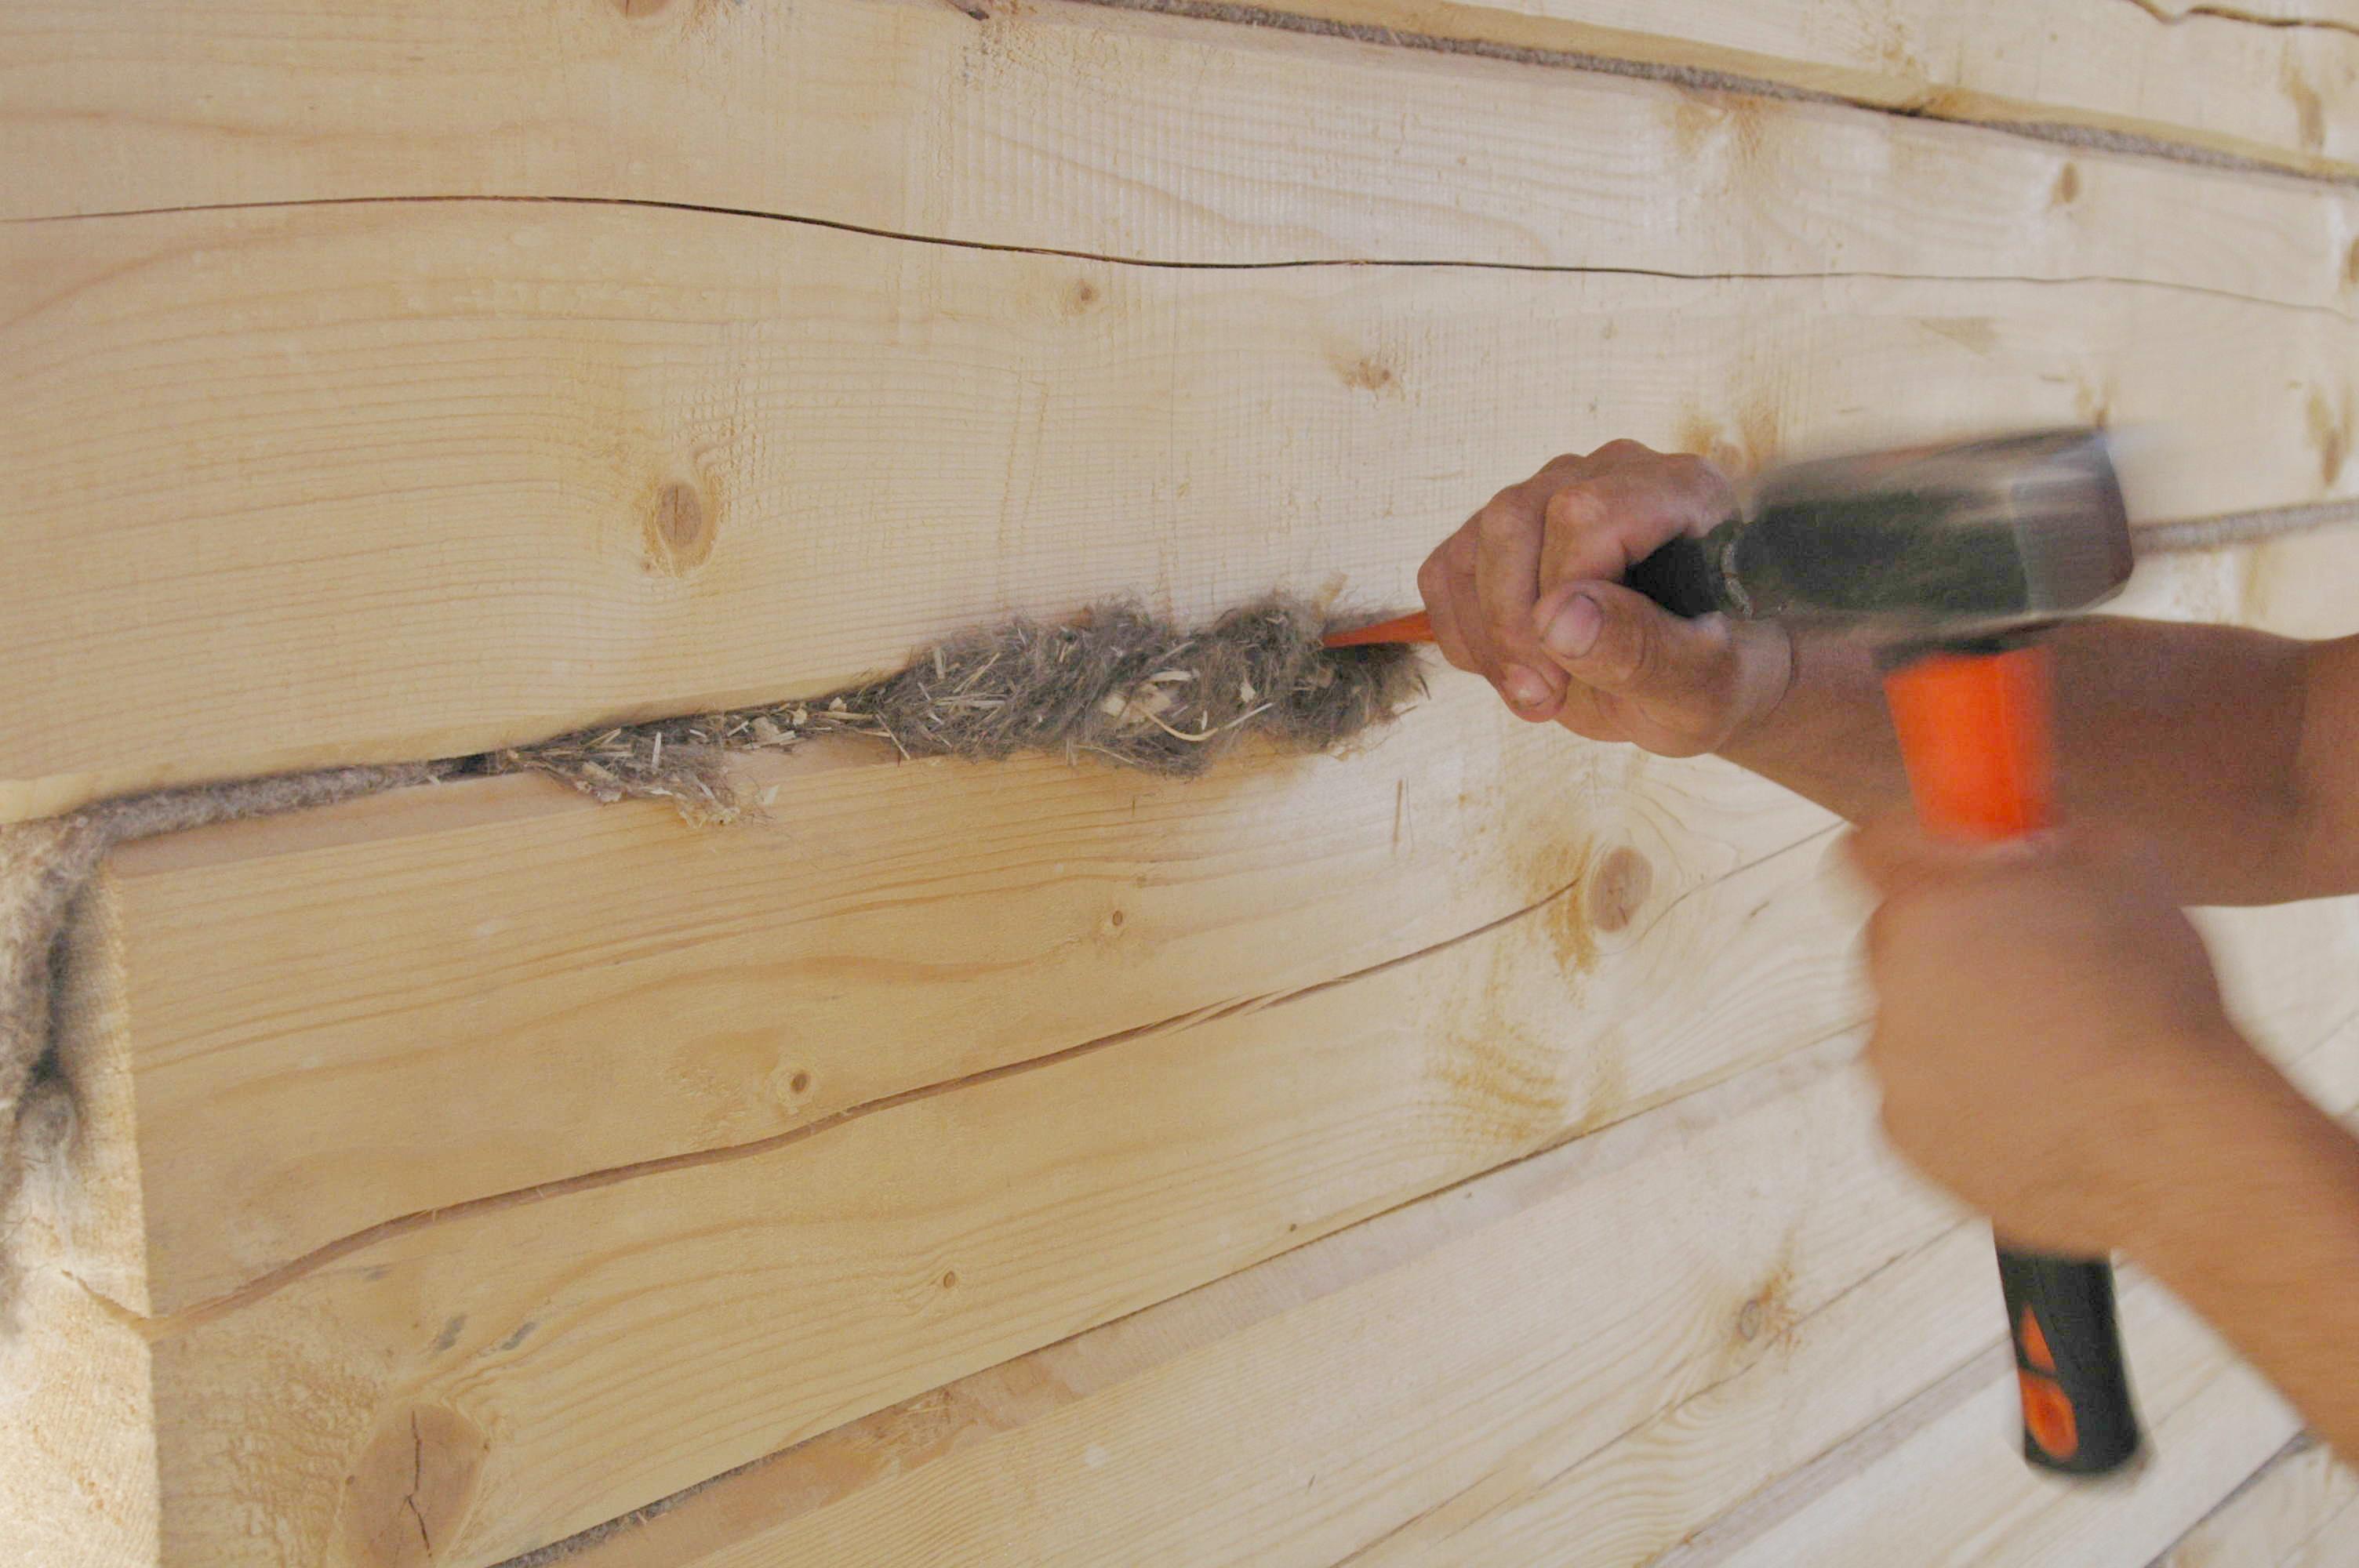 Льняные валики можно купить практически в любых современных строительных материалах